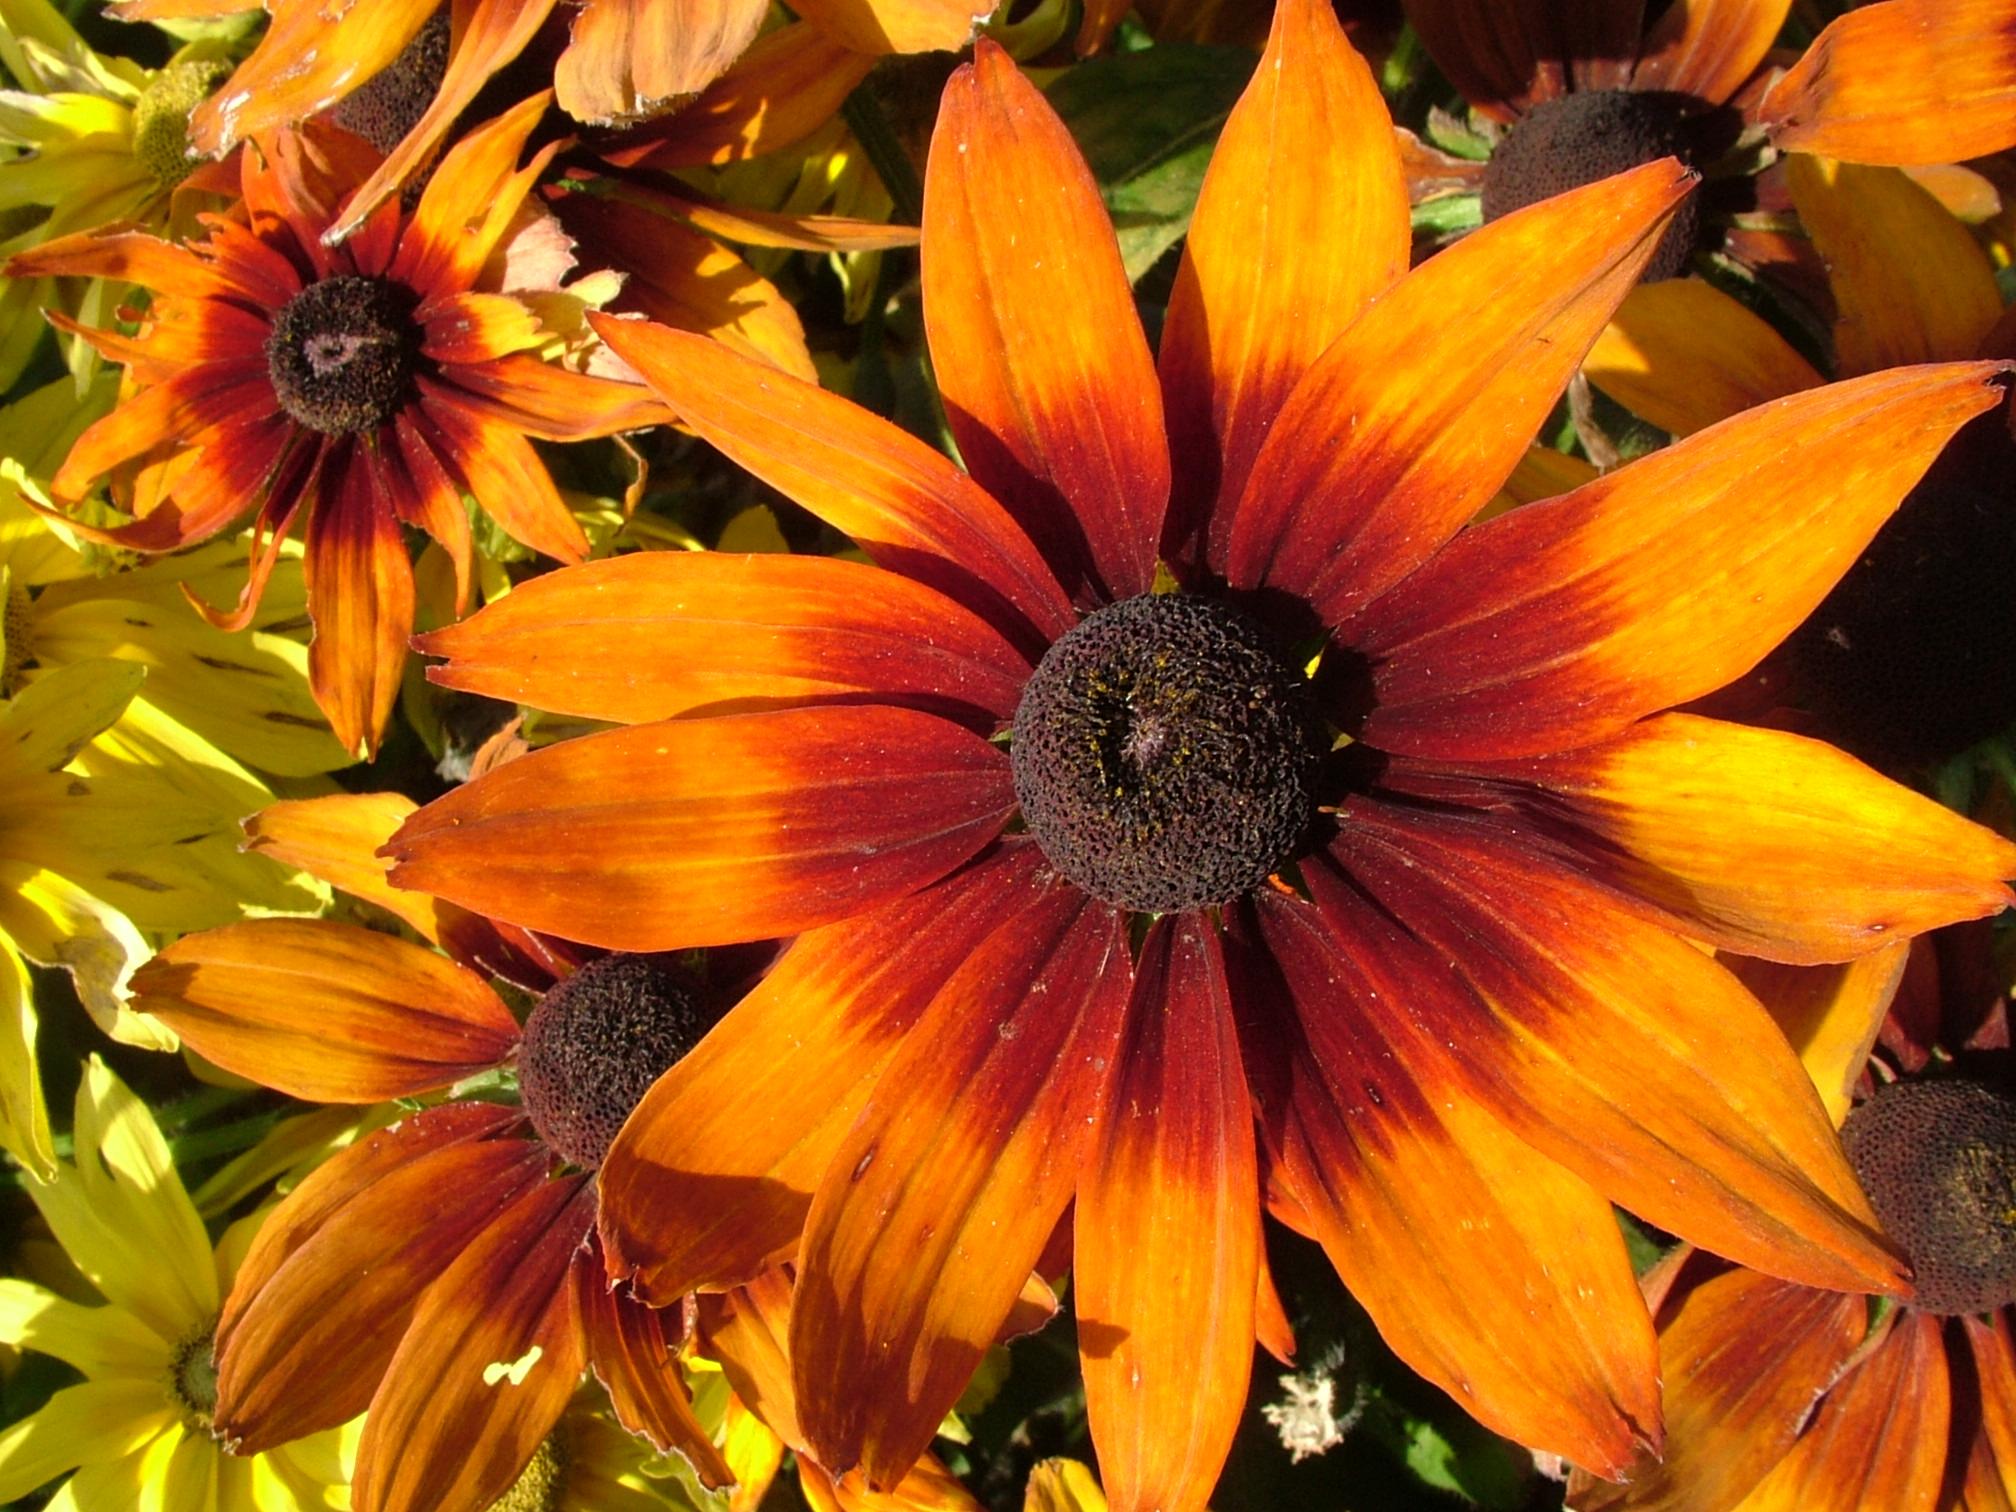 Каталог садовых цветов с фотографиями и названиями